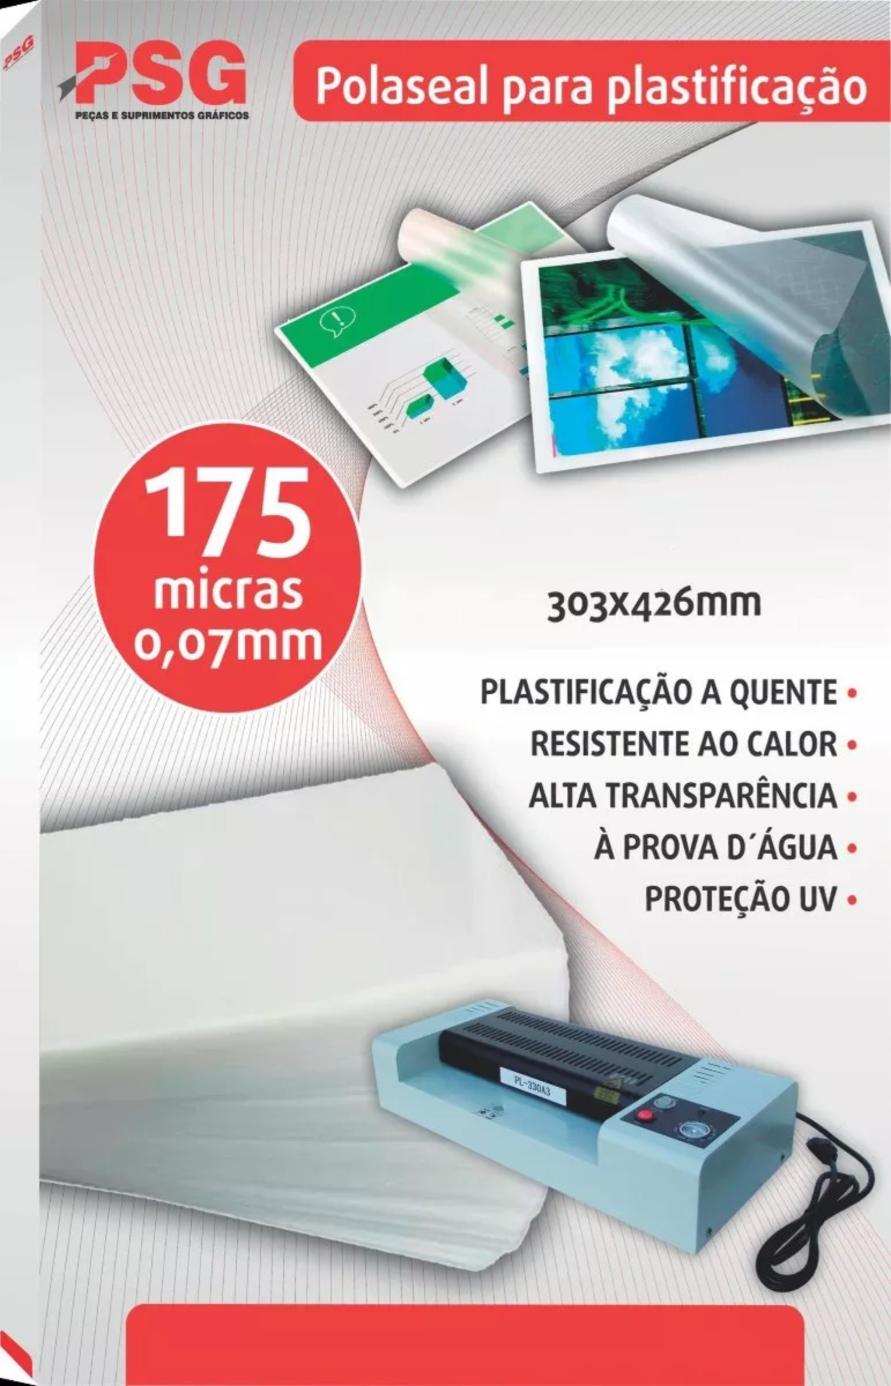 http://www.psgsuprimentos.com.br/view/_upload/produto/110/1562087847polasel-007.png